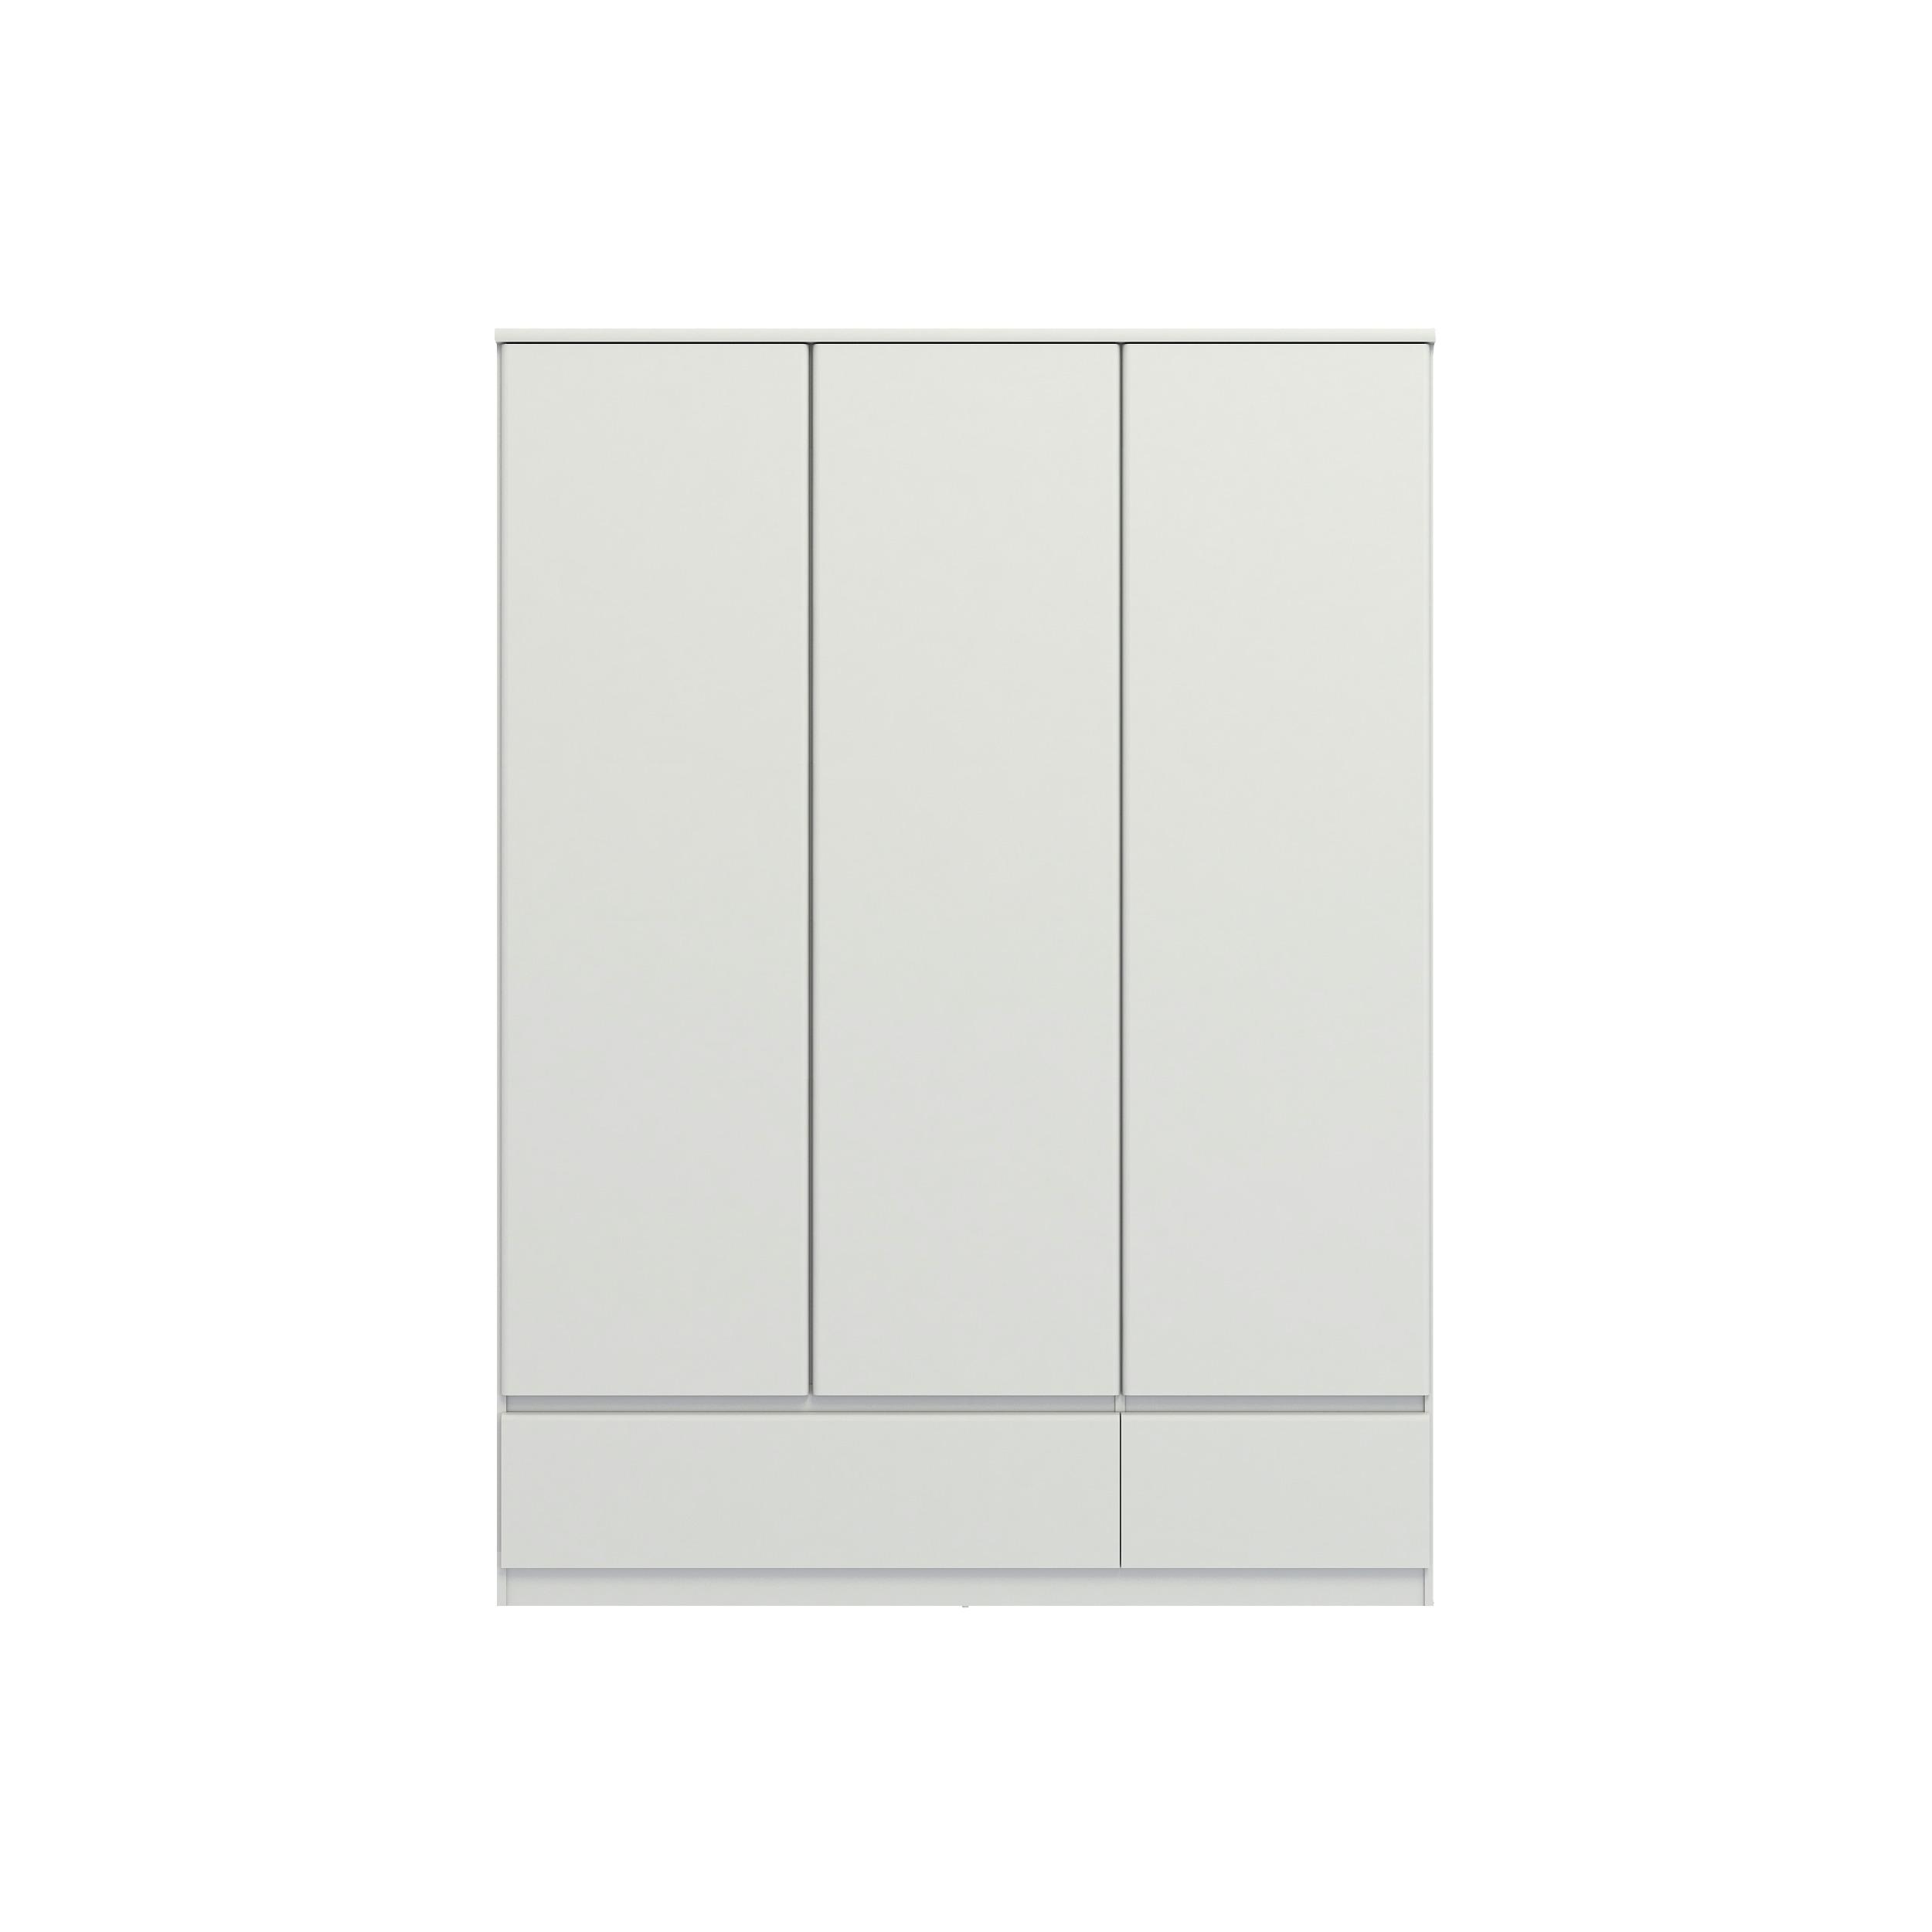 Kledingkast Naia 3-deurs hoogglans wit 200,6x147,4x50 cm